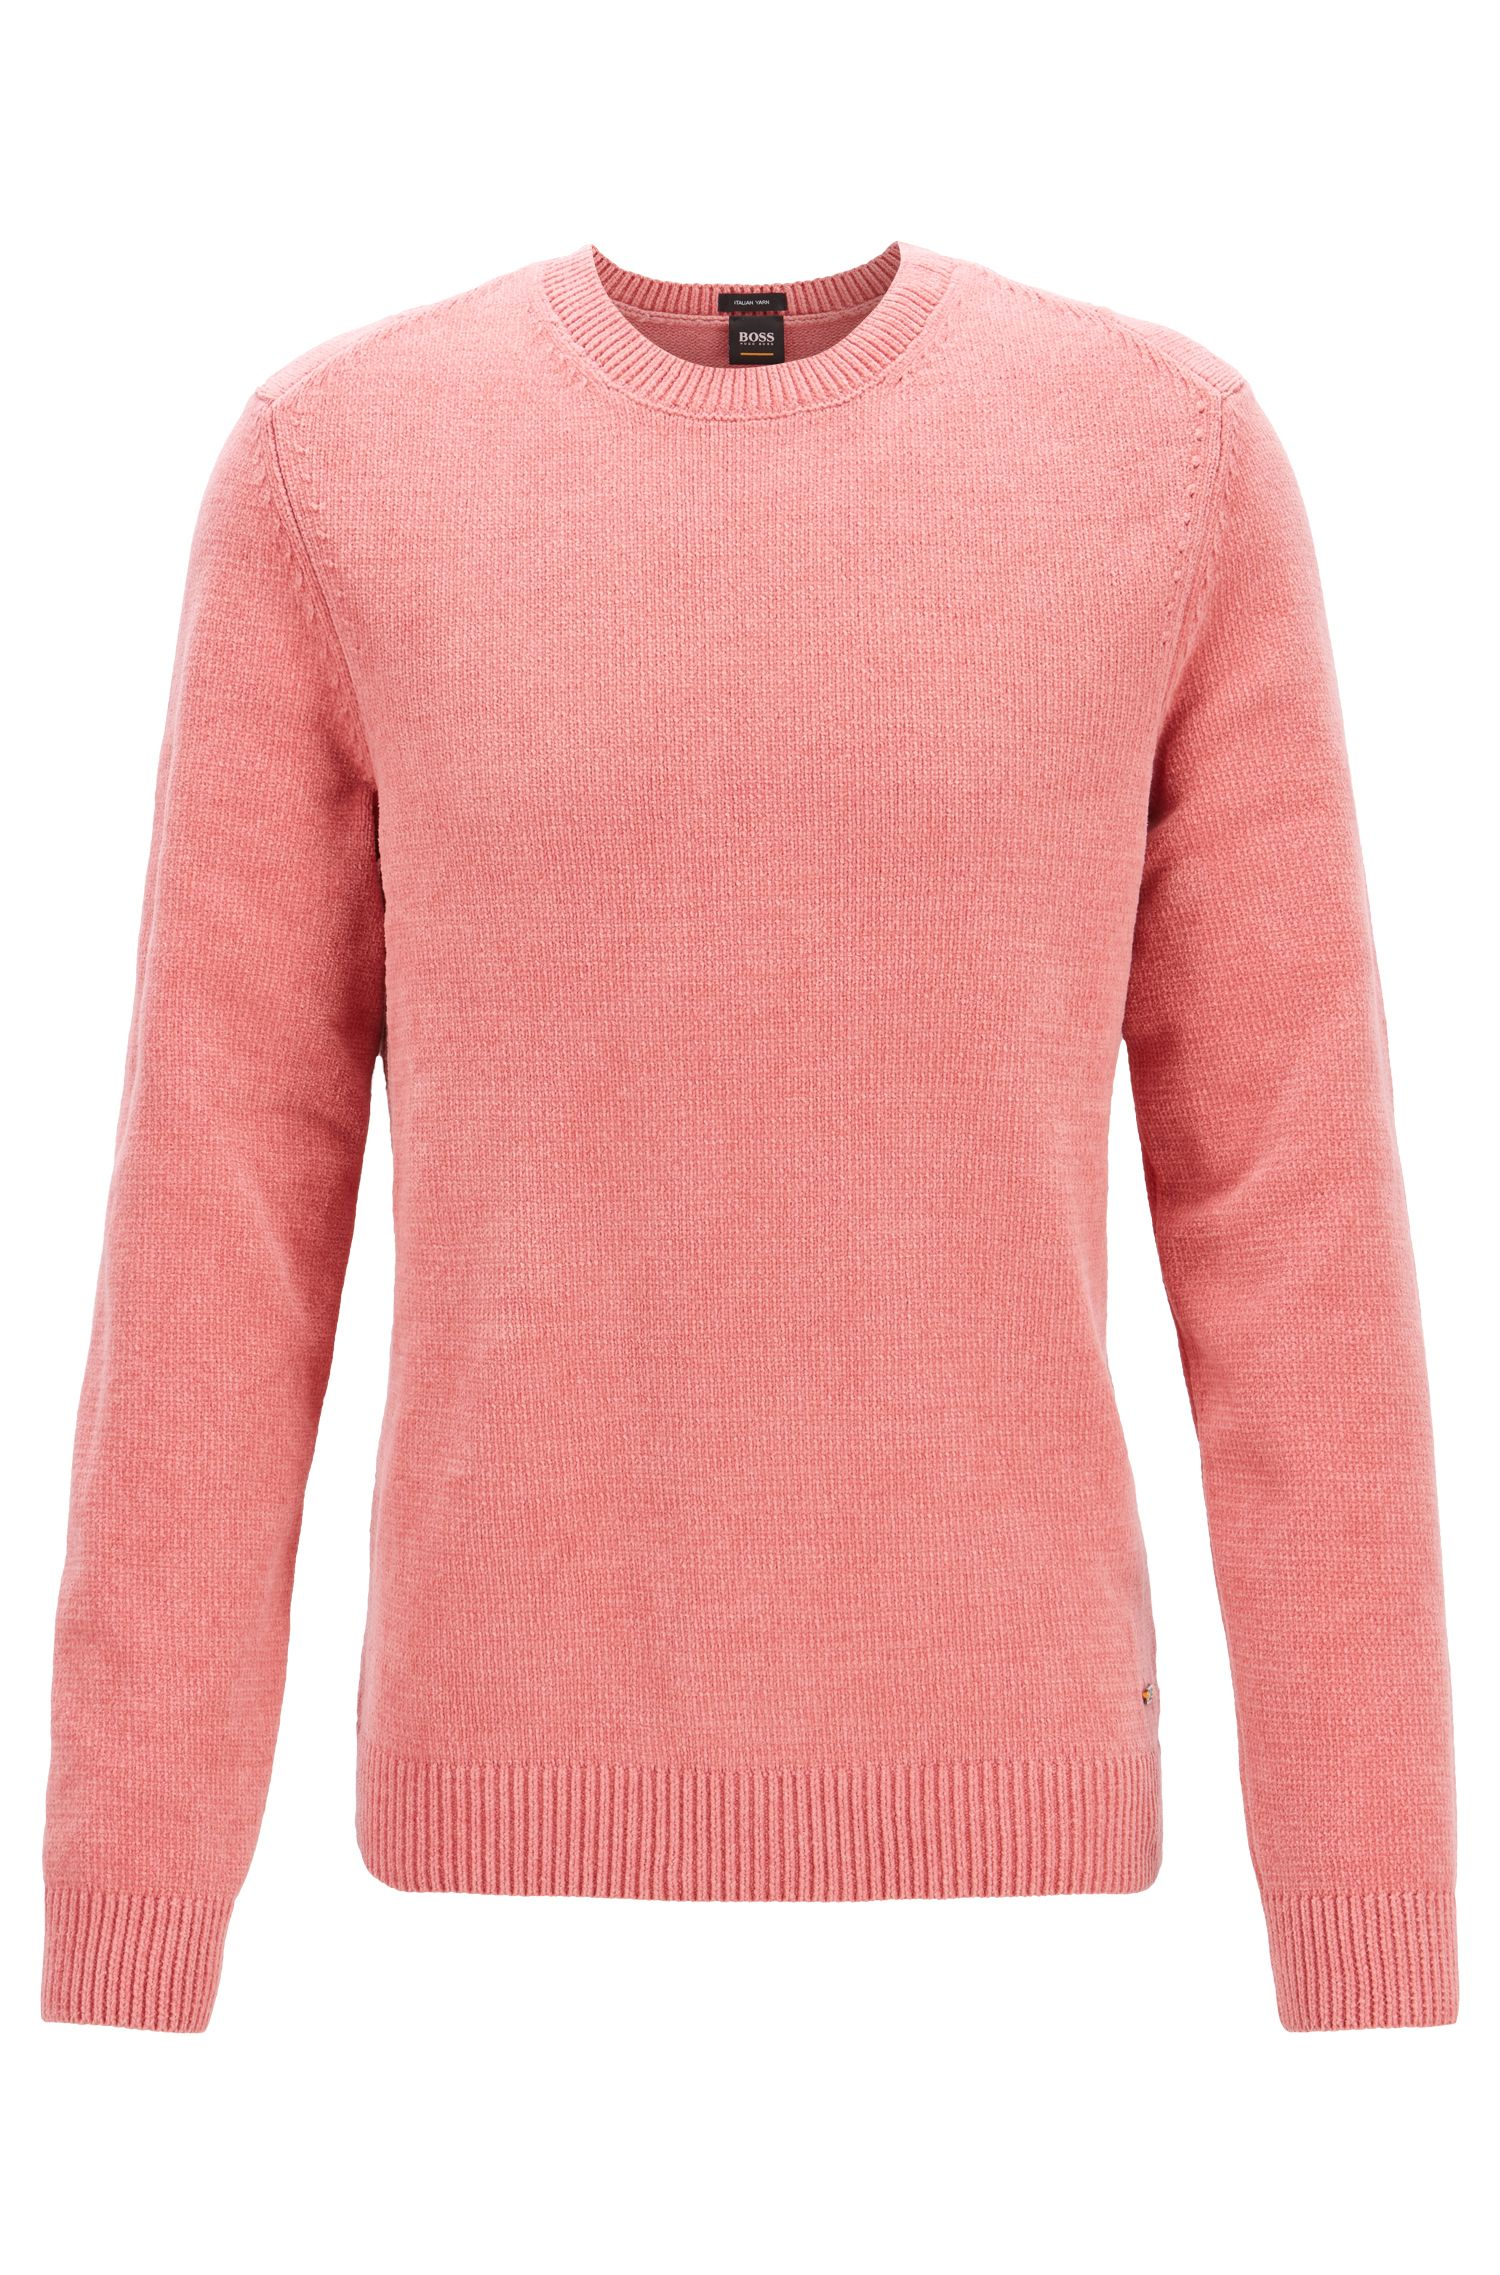 Pullover aus italienischer Baumwoll-Chenille, Hellrosa